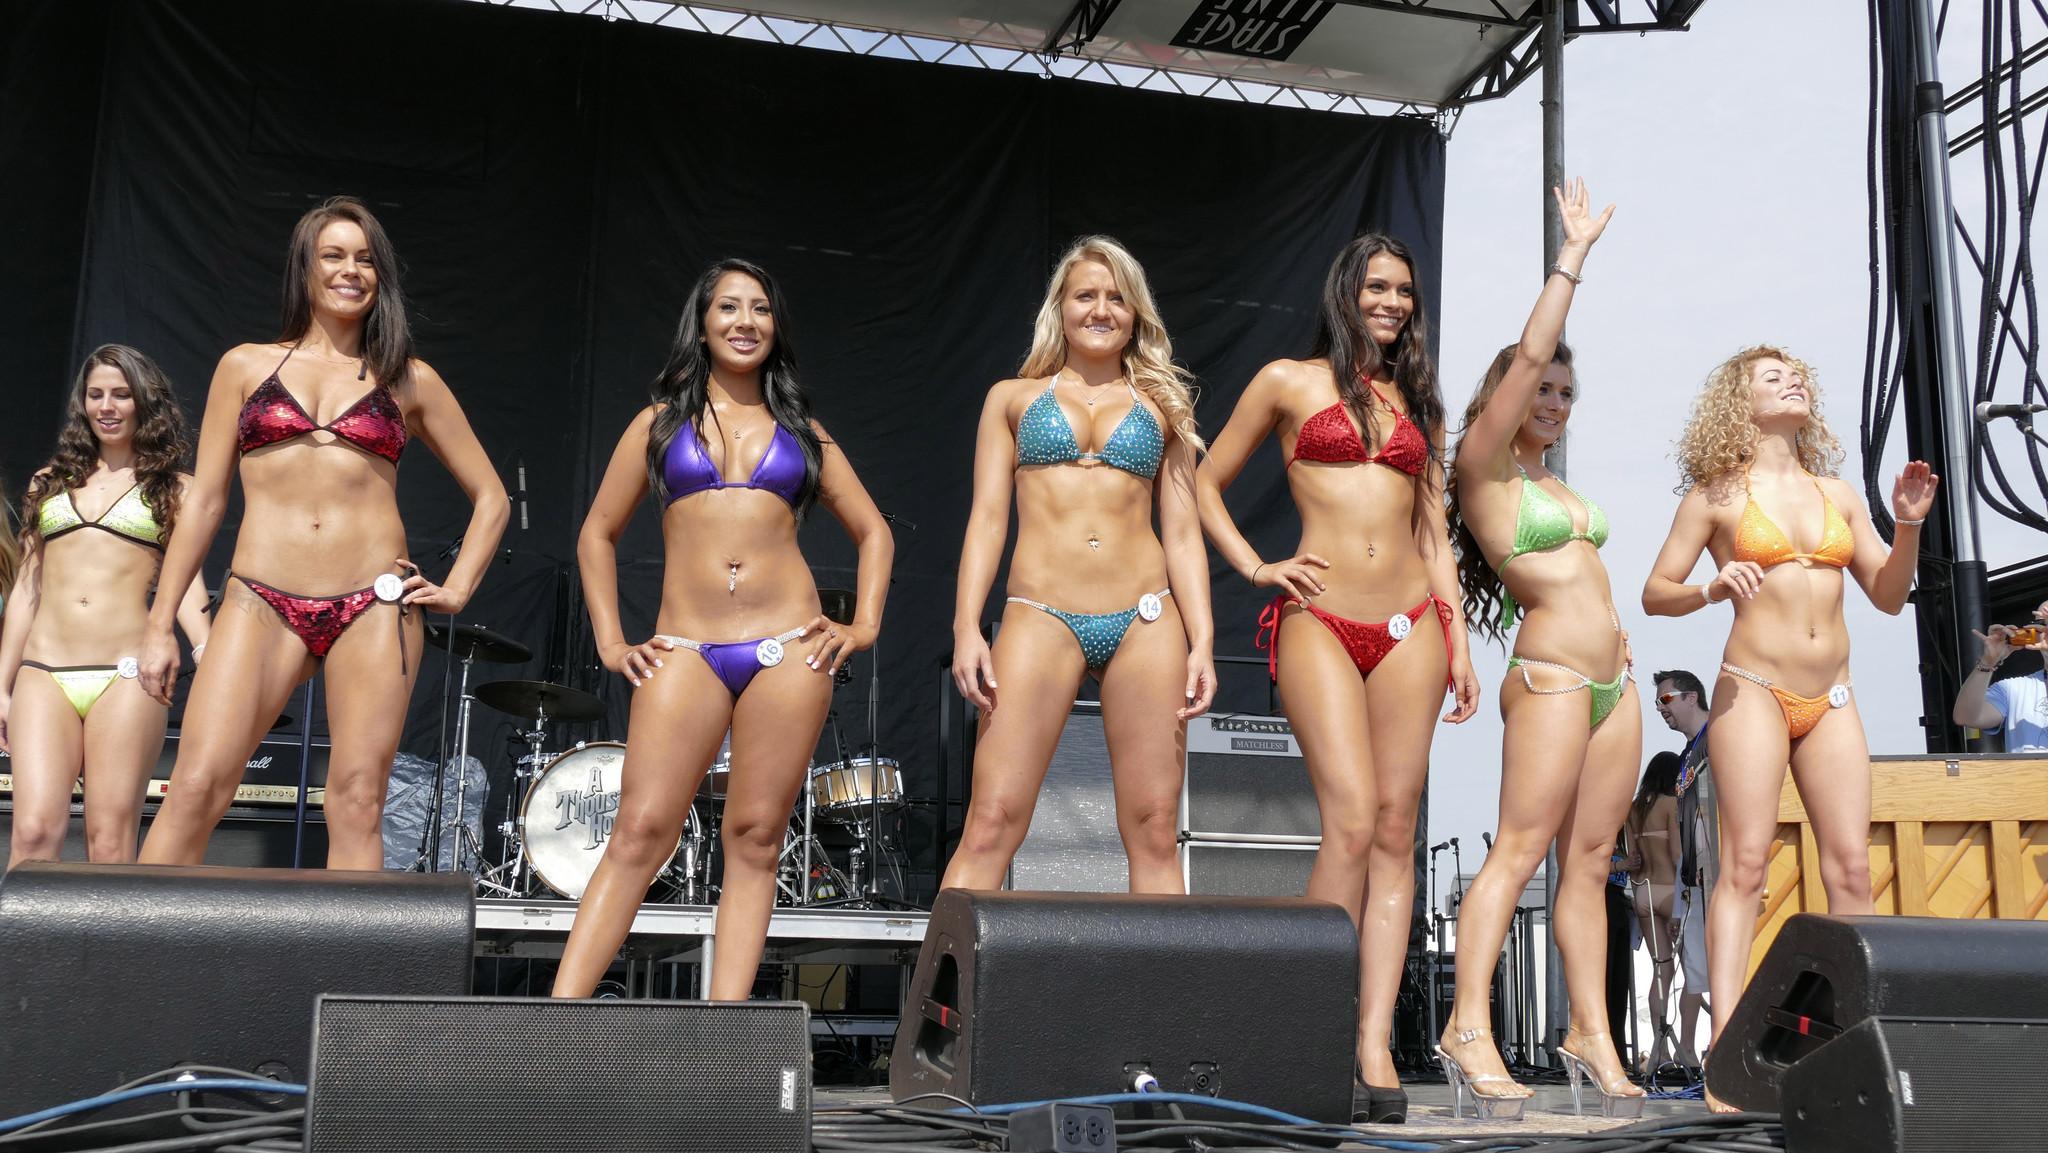 Фото и видео латинских конкурсов бикини, красивые девчонки голышом фотки